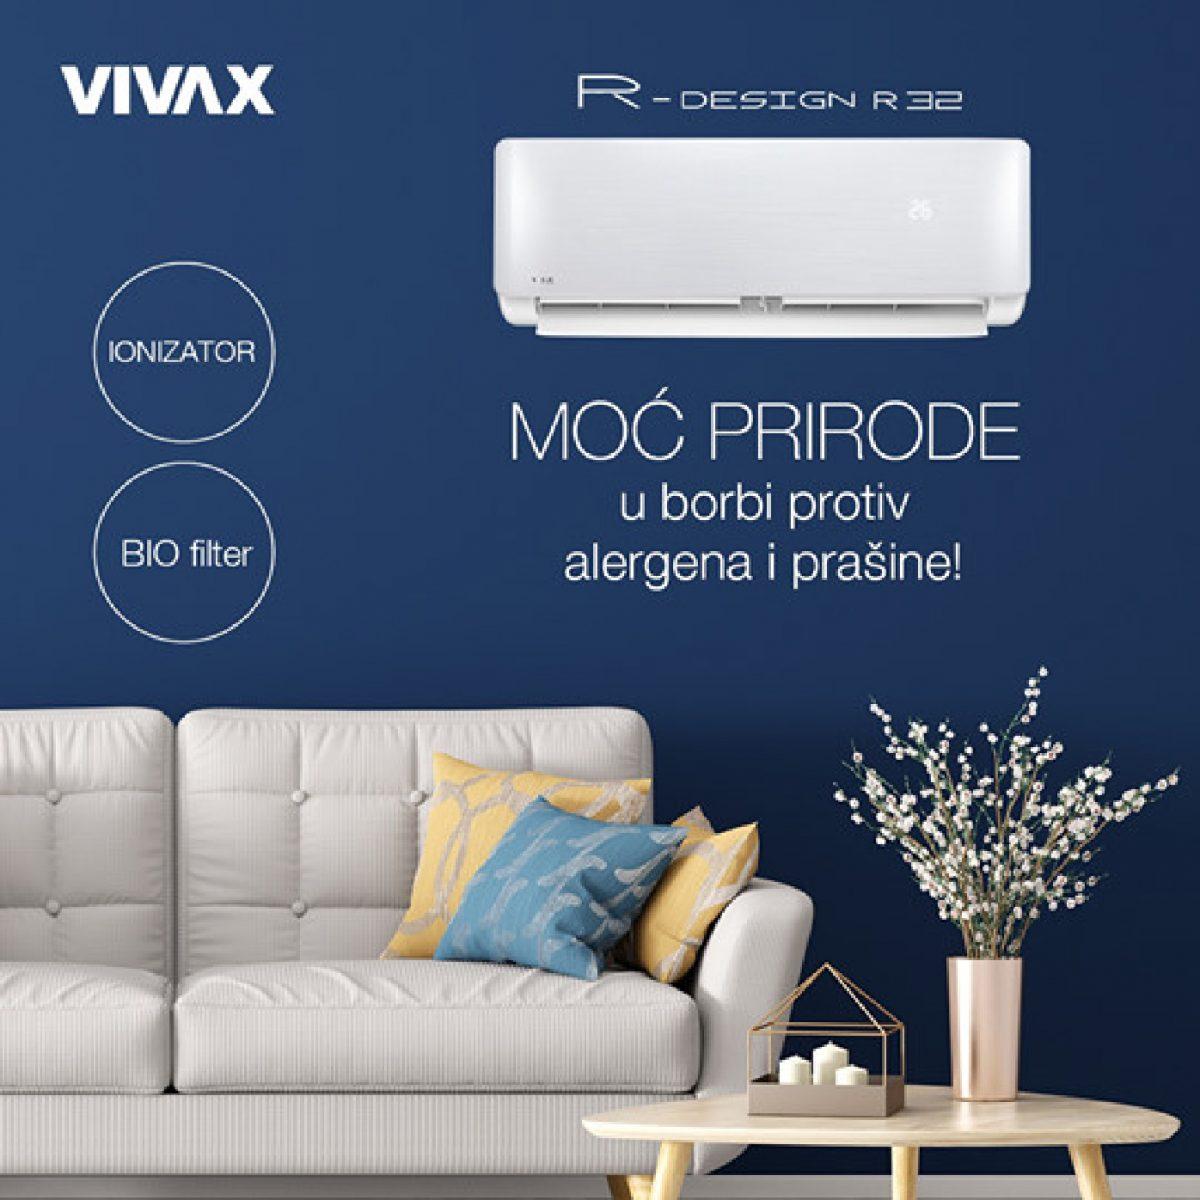 Vivax klima